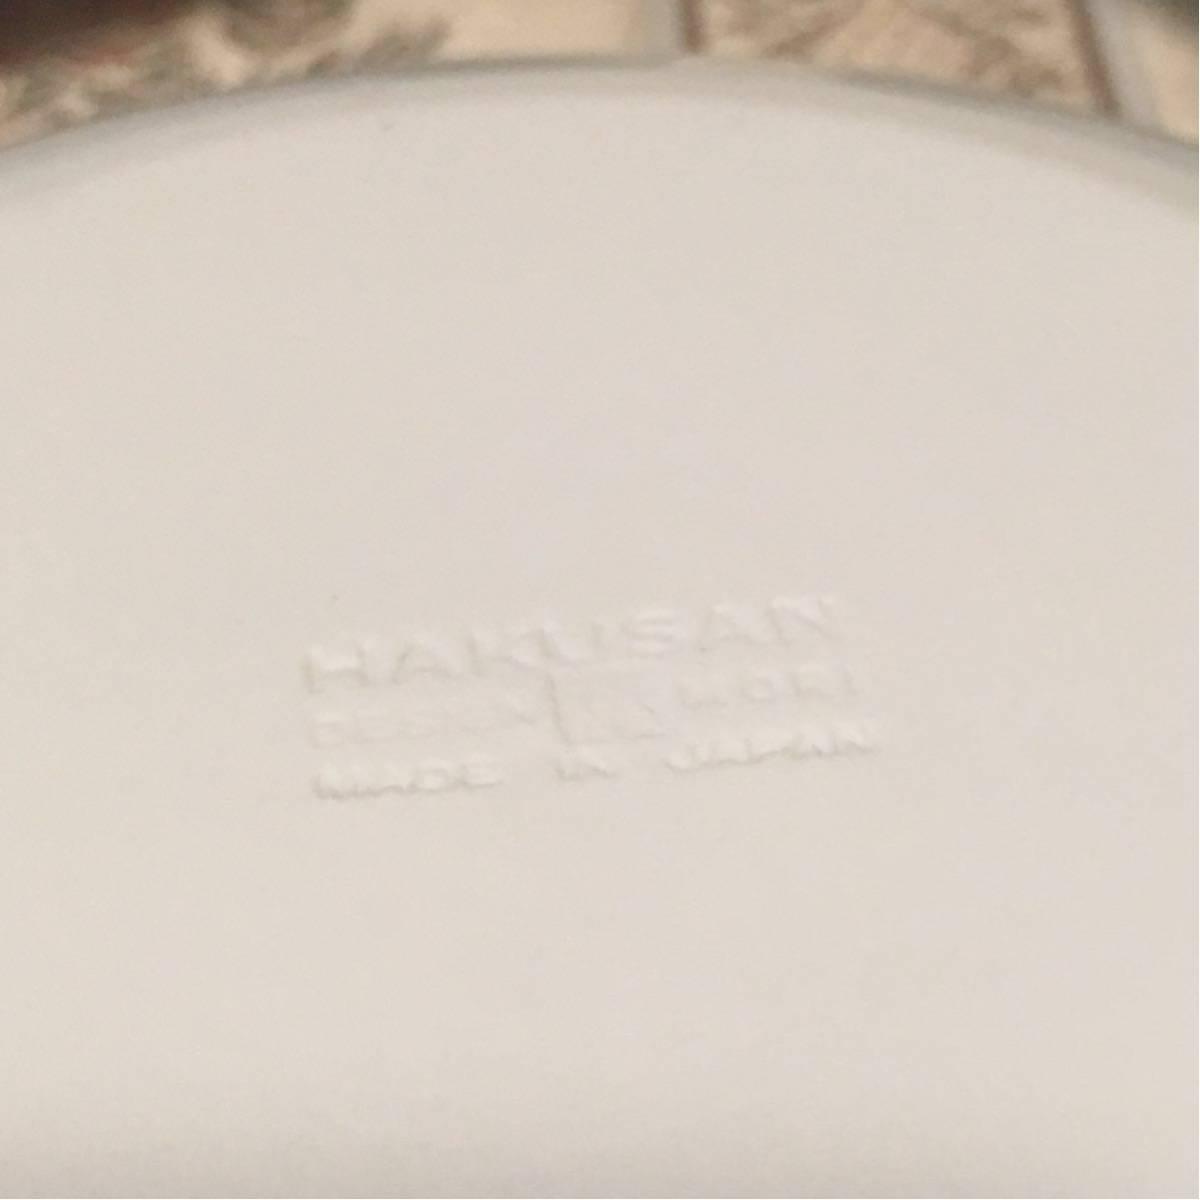 美品★白山陶器 白磁 ボウル 3客セット 深皿 波佐見焼_画像6